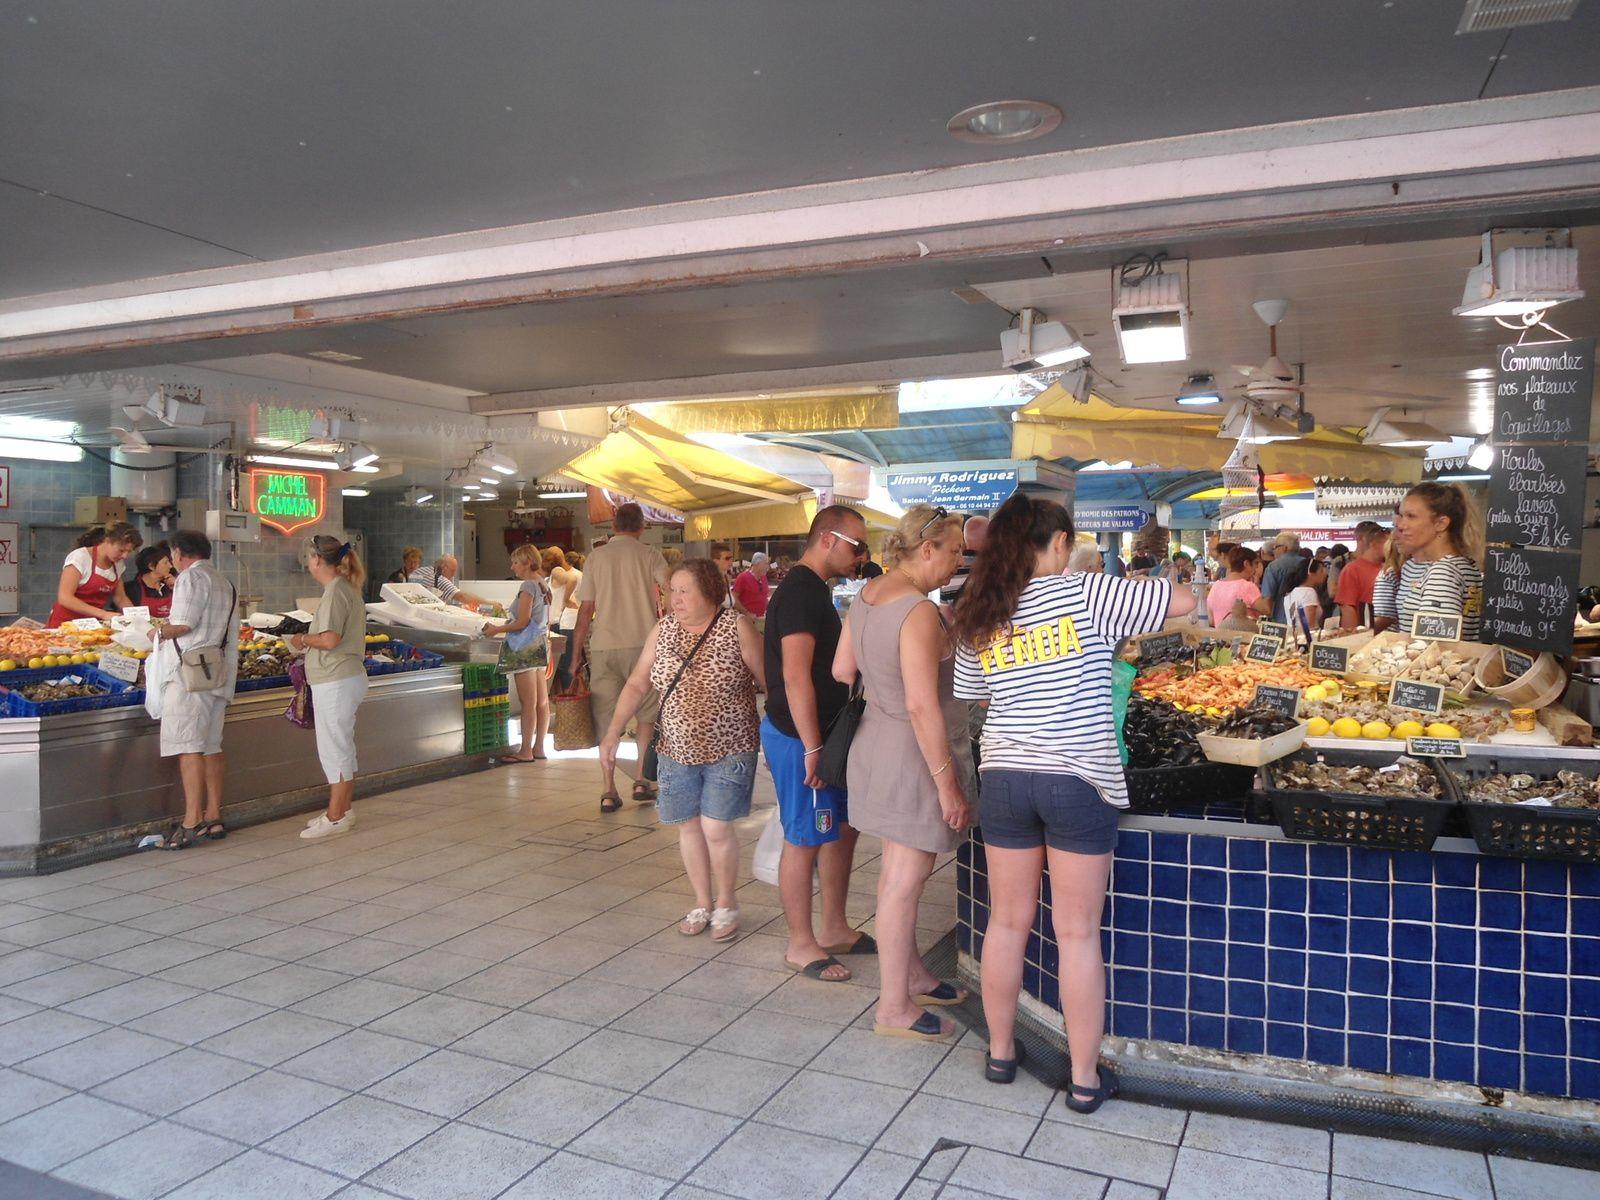 Au coeur de la ville un petit marché couvert ouvert tous les jours. Et un méga marché deux fois par semaine sur le port. j'ai jamais vu un marché aussi grand ! par contre pour circuler on joue des coudes.